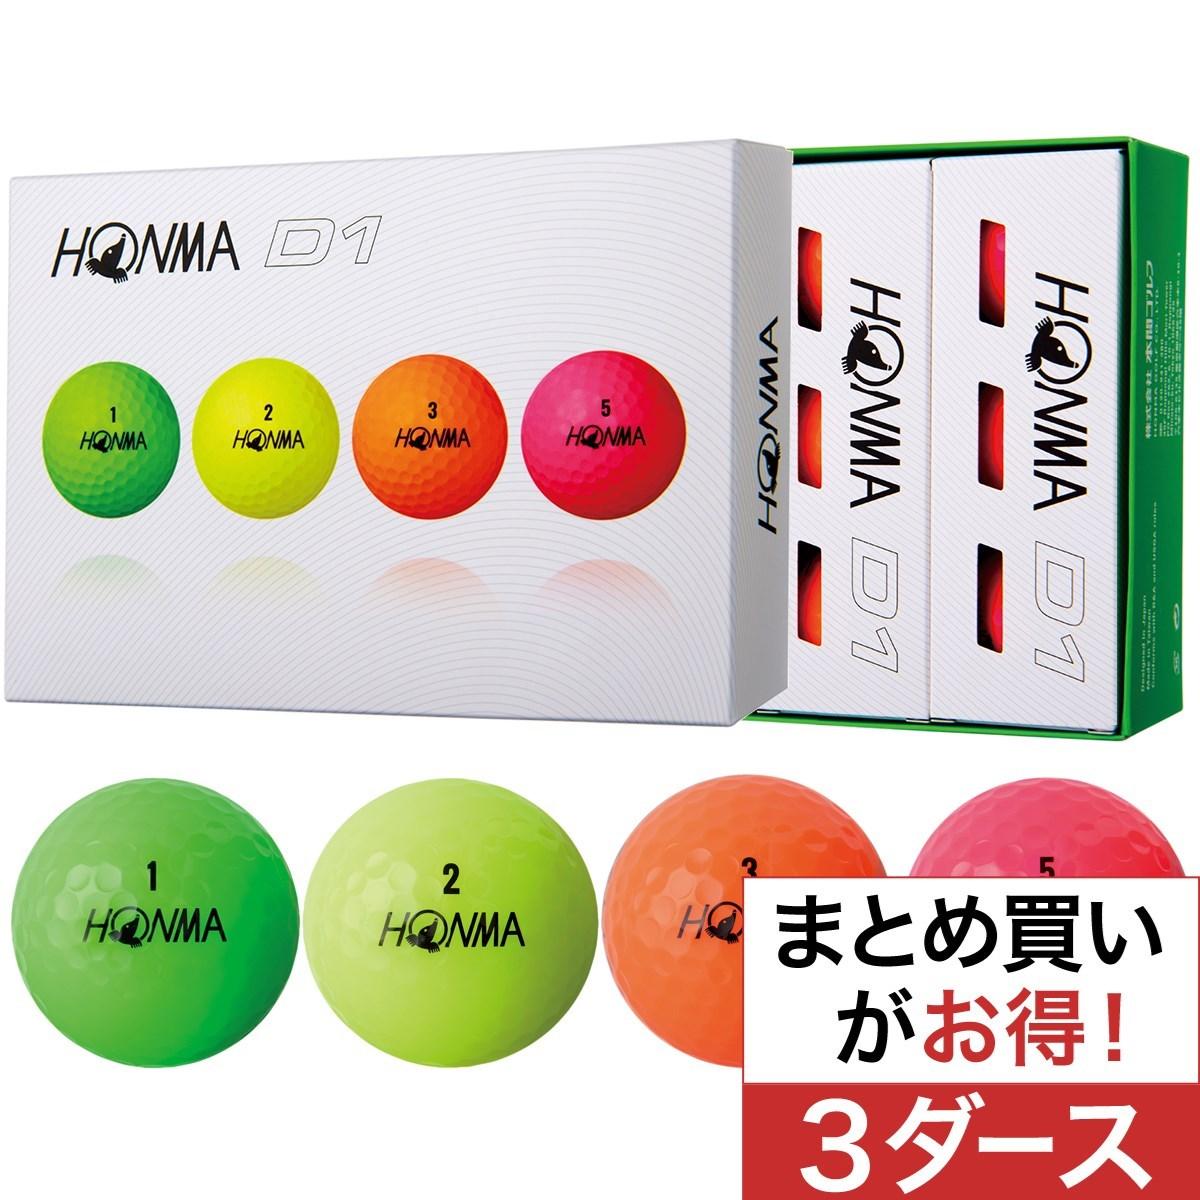 本間ゴルフ(HONMA GOLF) D1 ボール 2018年モデル 3ダースセット